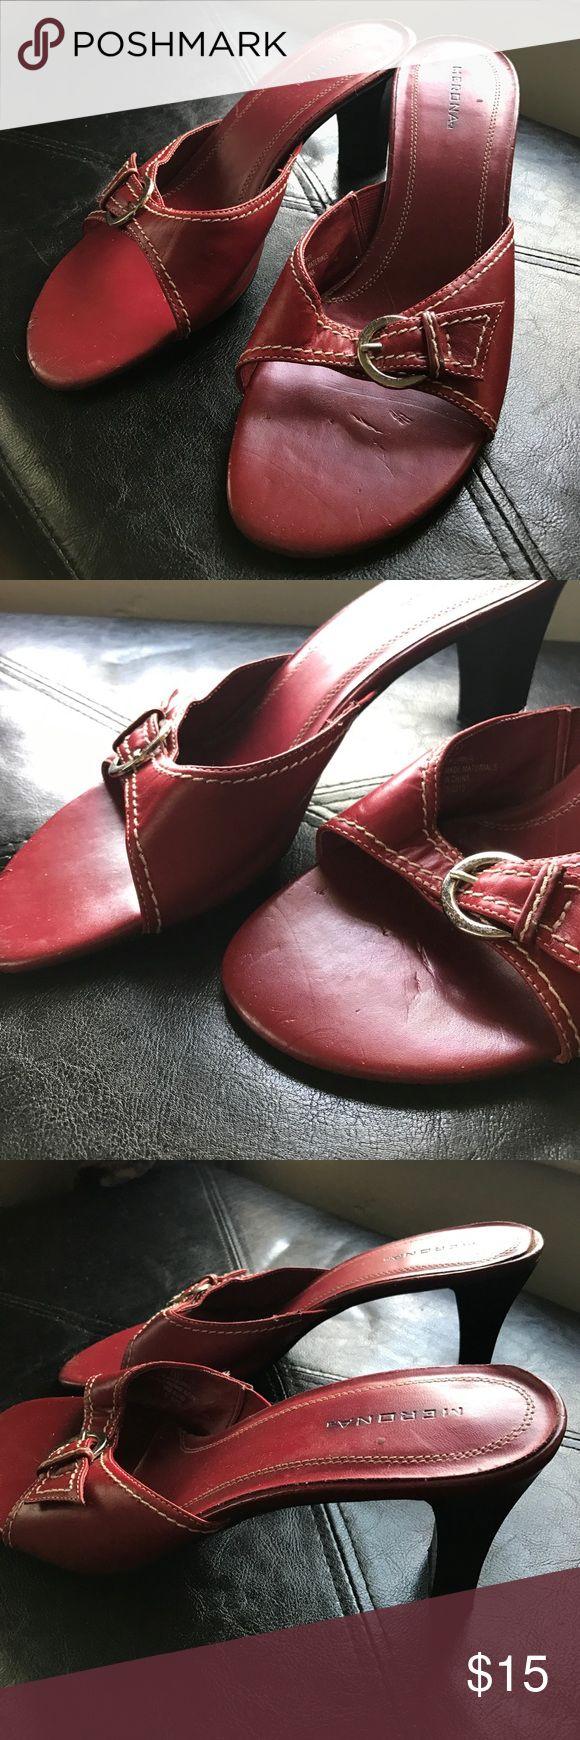 Red heel sandals 11 Size 11, open back sandals heels Merona Shoes Sandals